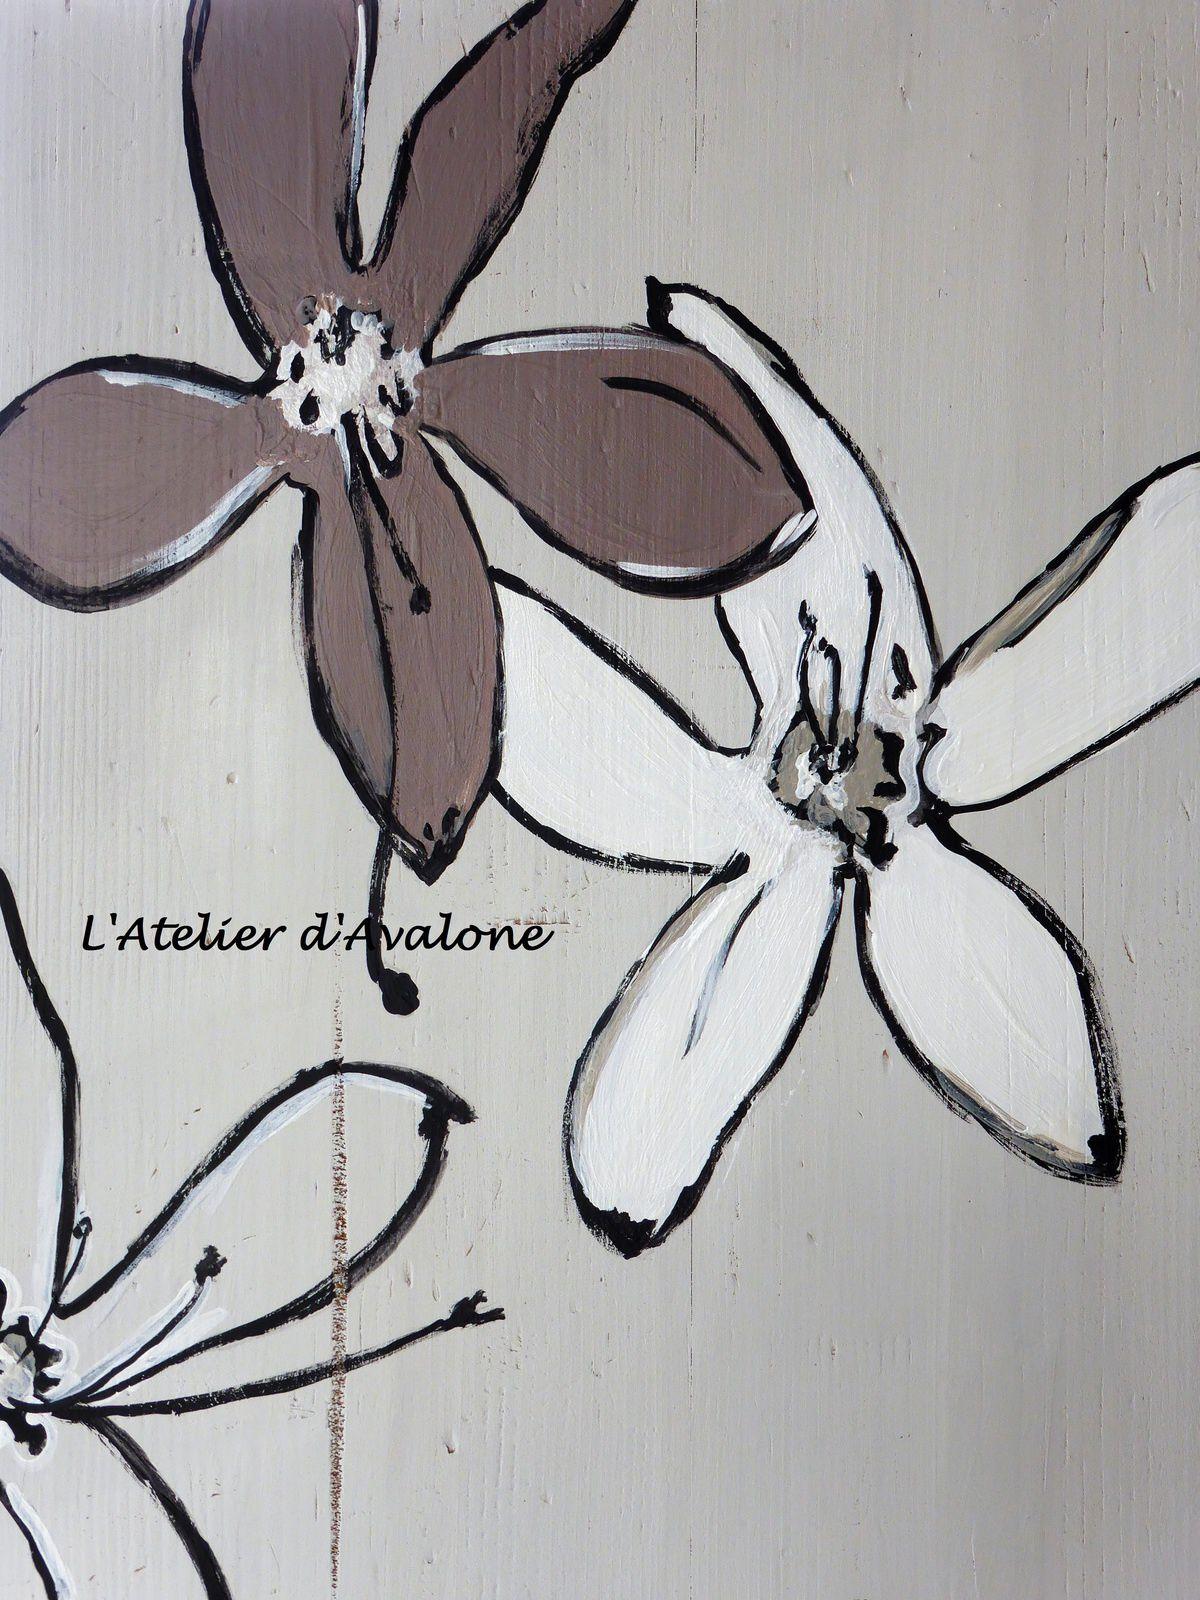 Panneau décoratif en peinture acrylique, décor fleurs exotiques stylisées. Février 2017.